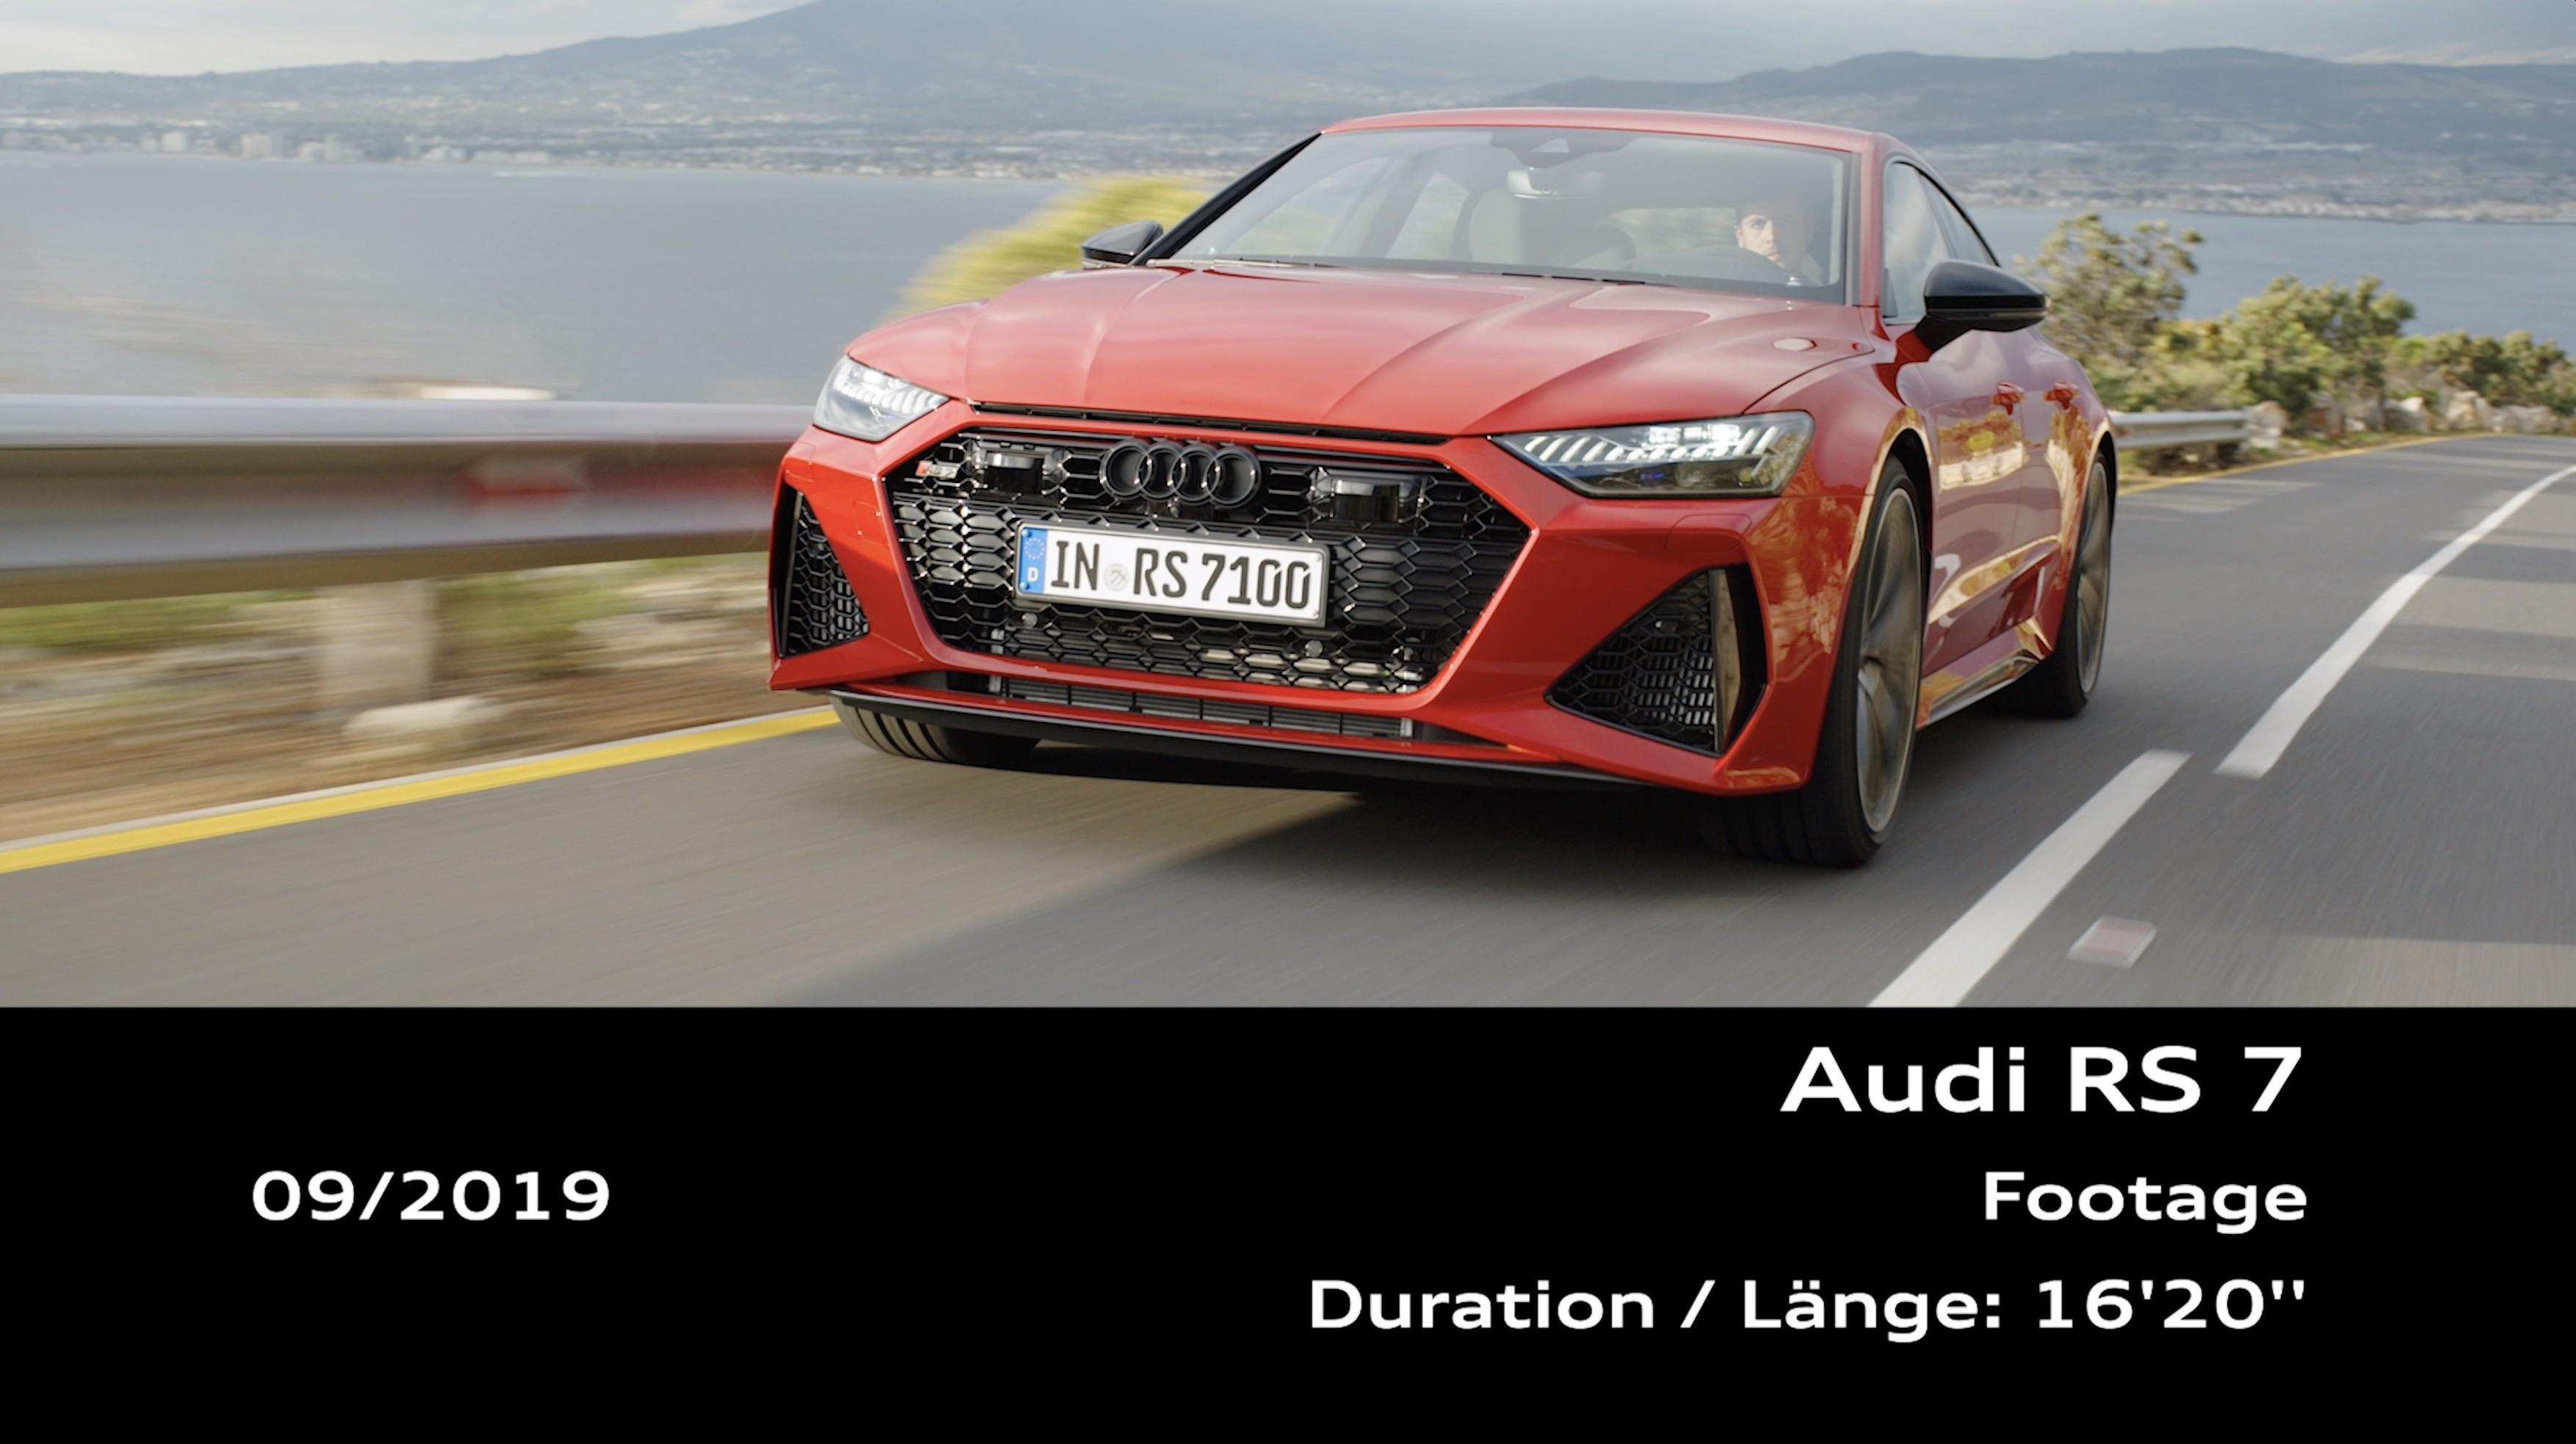 Audi RS 7 Sportback (Footage)